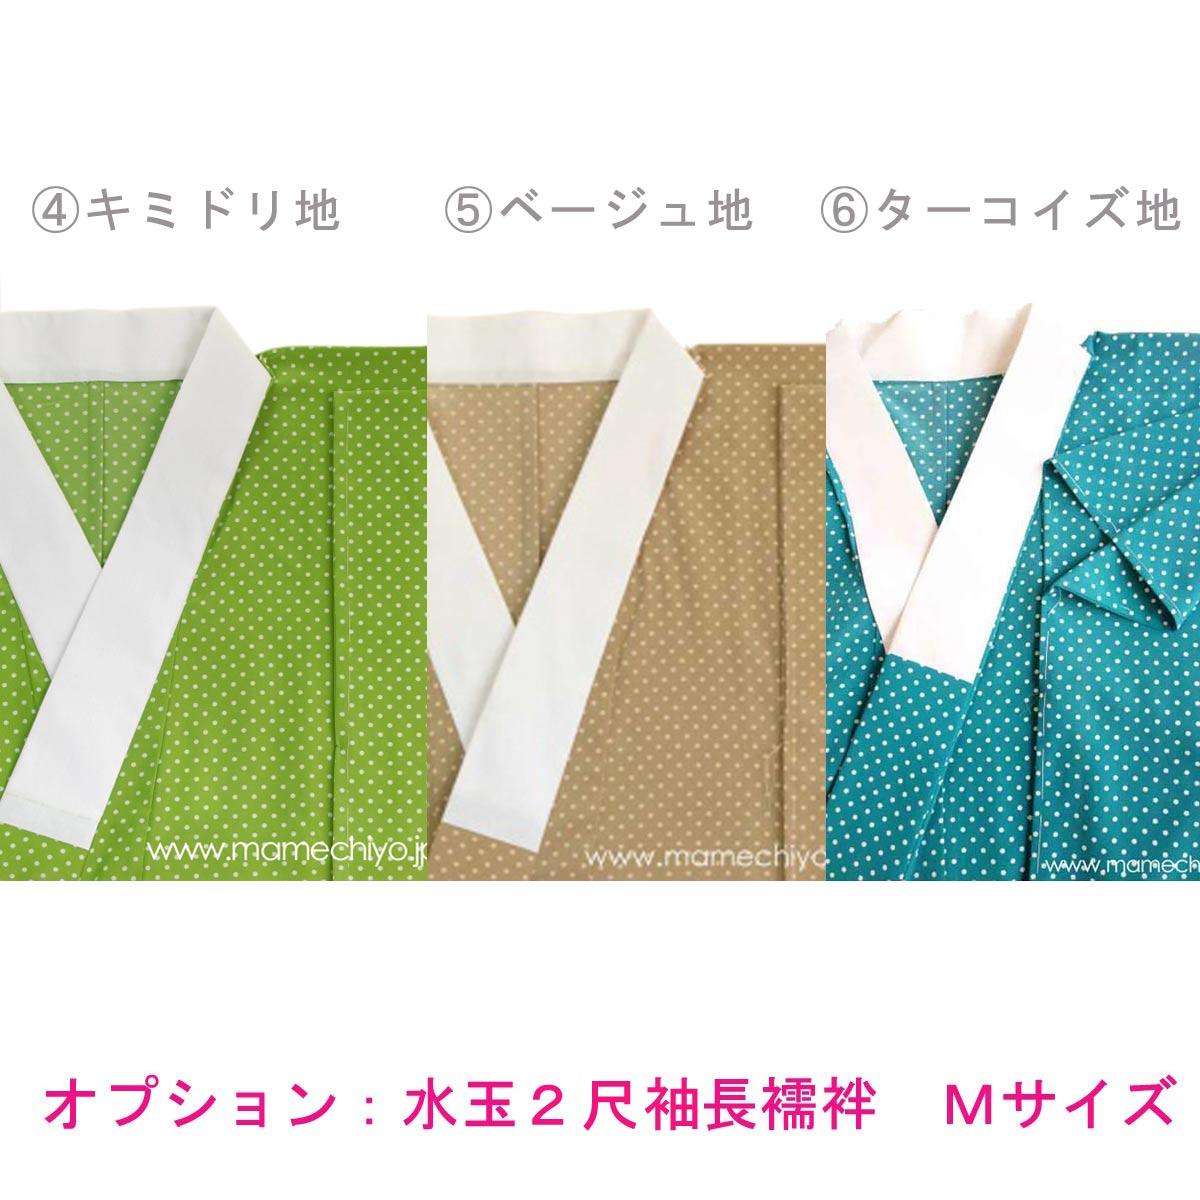 【レンタル】袴 ラビリンス